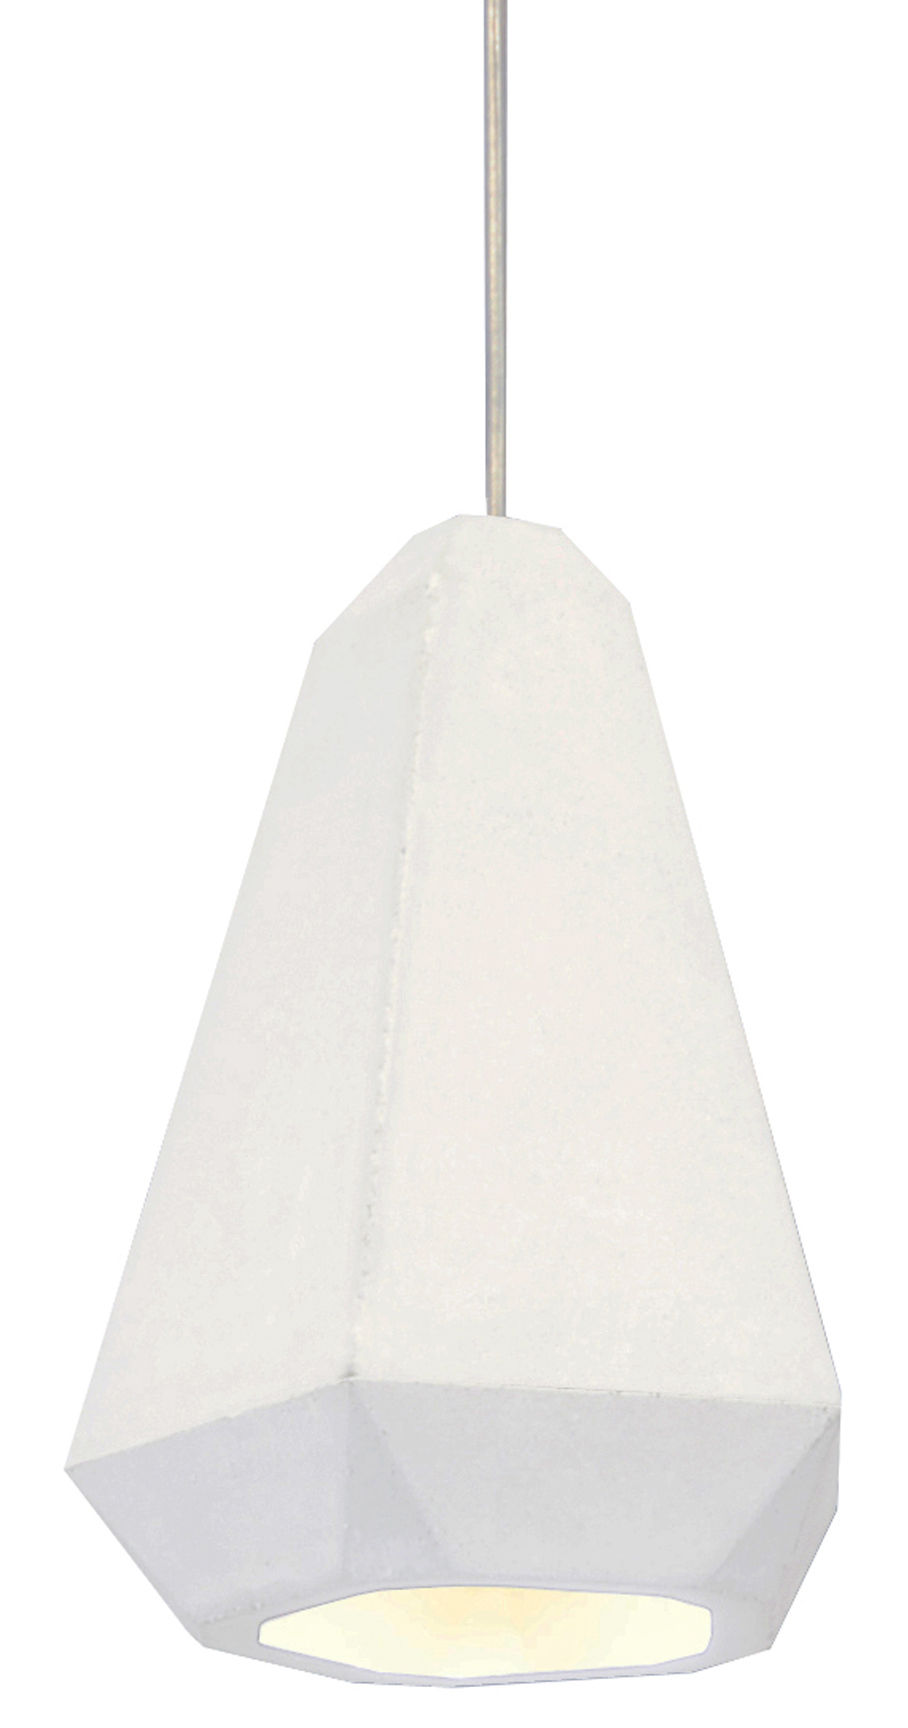 Luminaire - Suspensions - Suspension Portland / Plâtre - Innermost - Plâtre blanc - Plâtre